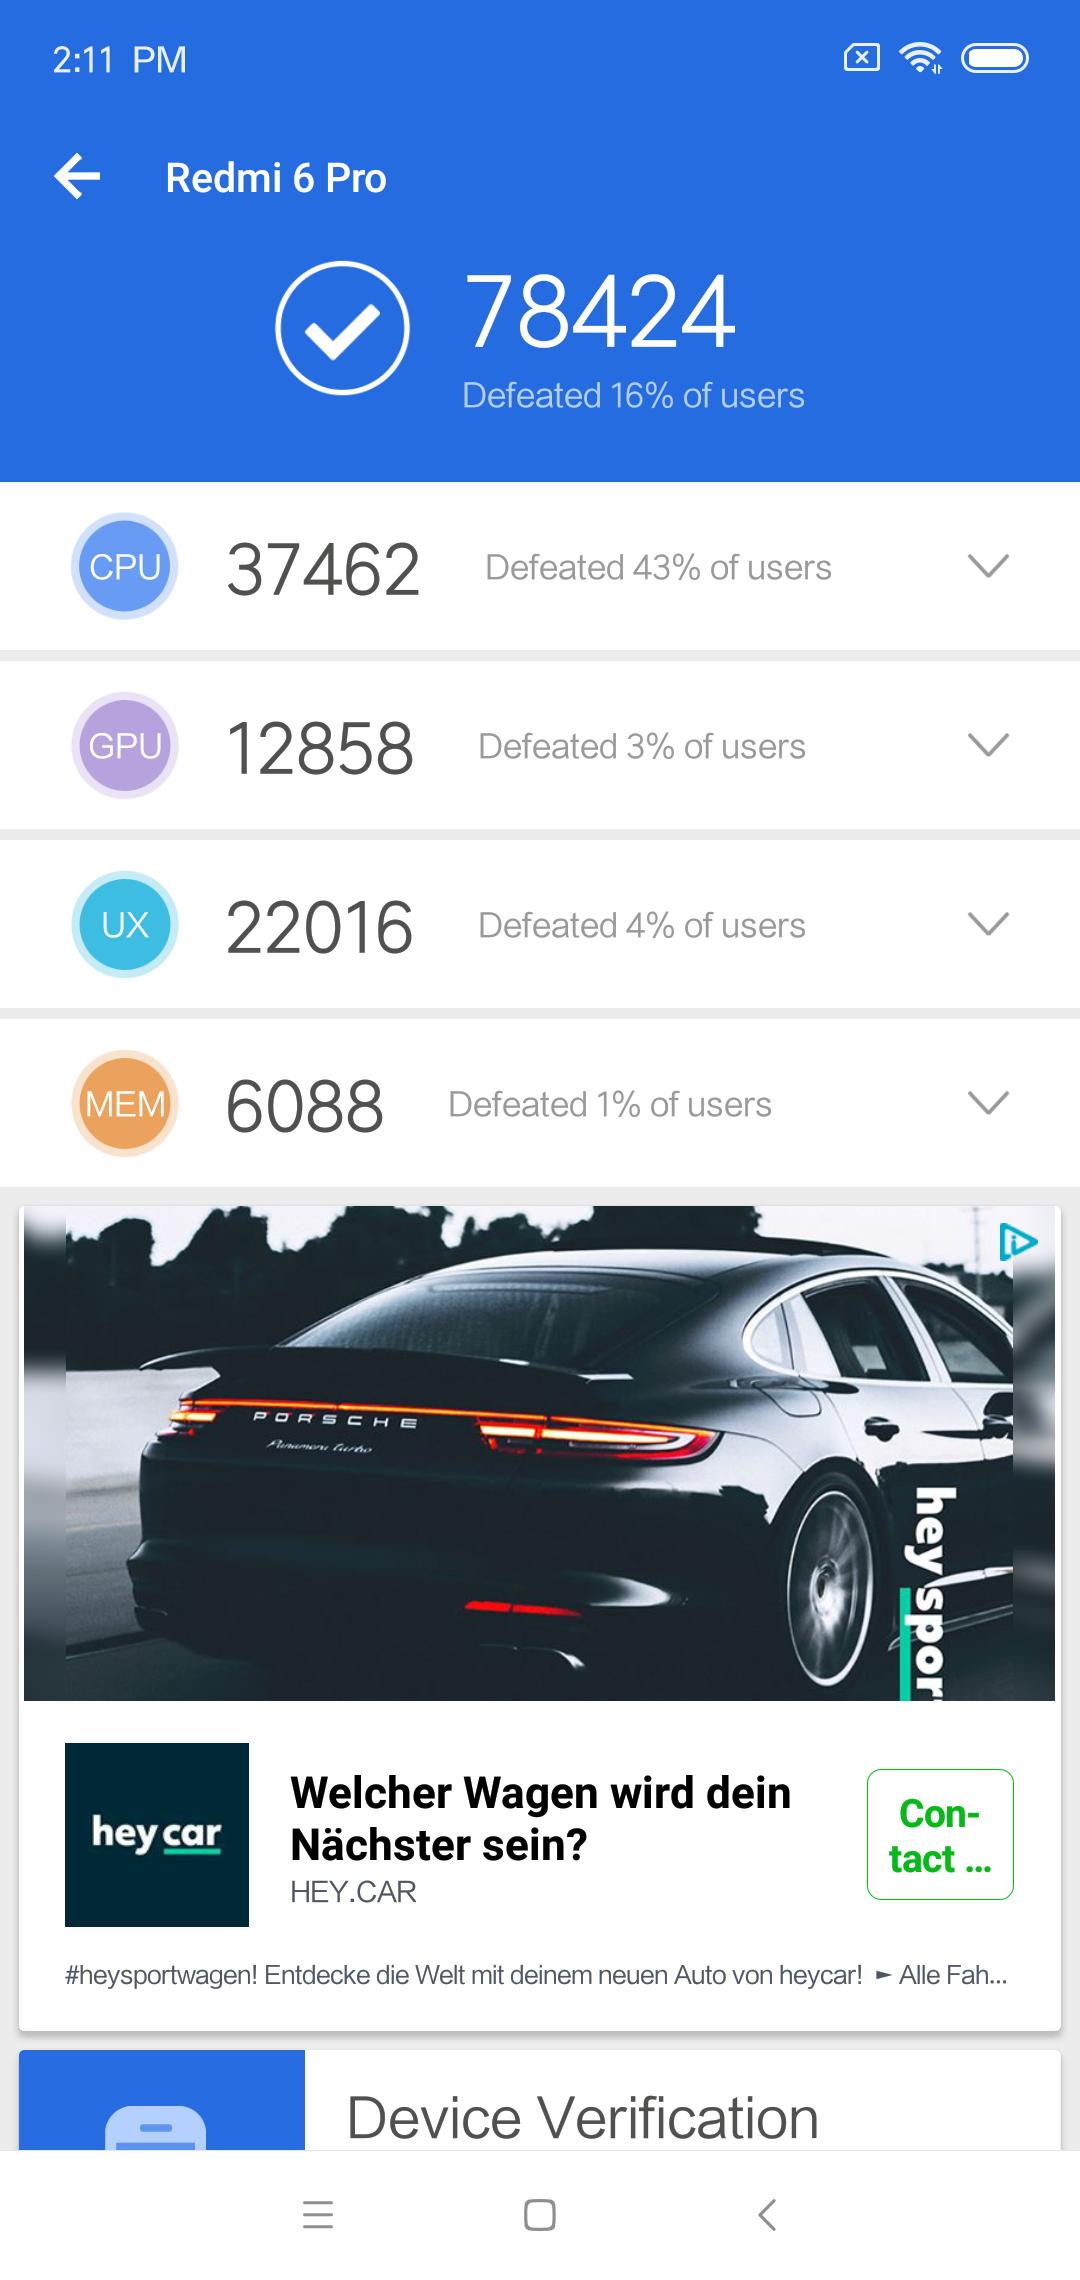 Xiami Redmi 6 Pro Antutu Benchmark